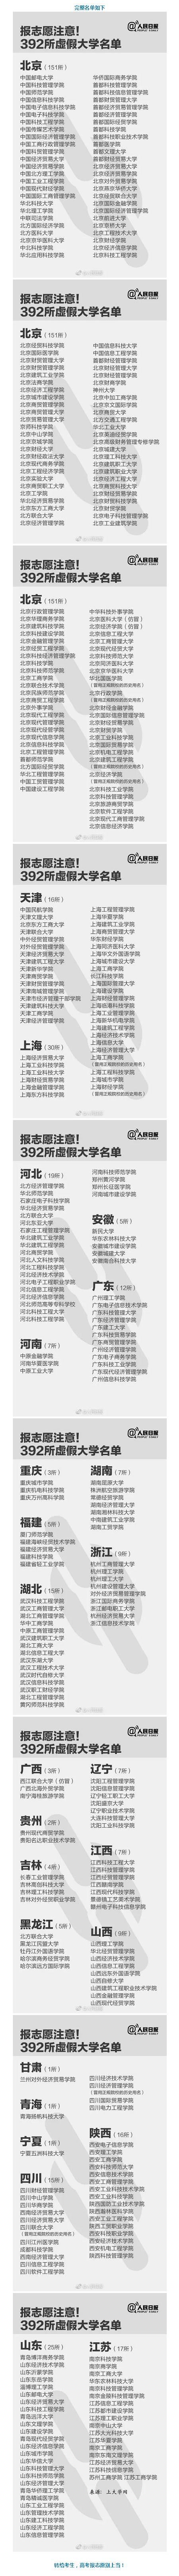 """全国""""野鸡大学""""名单曝光,福建5所上榜!"""